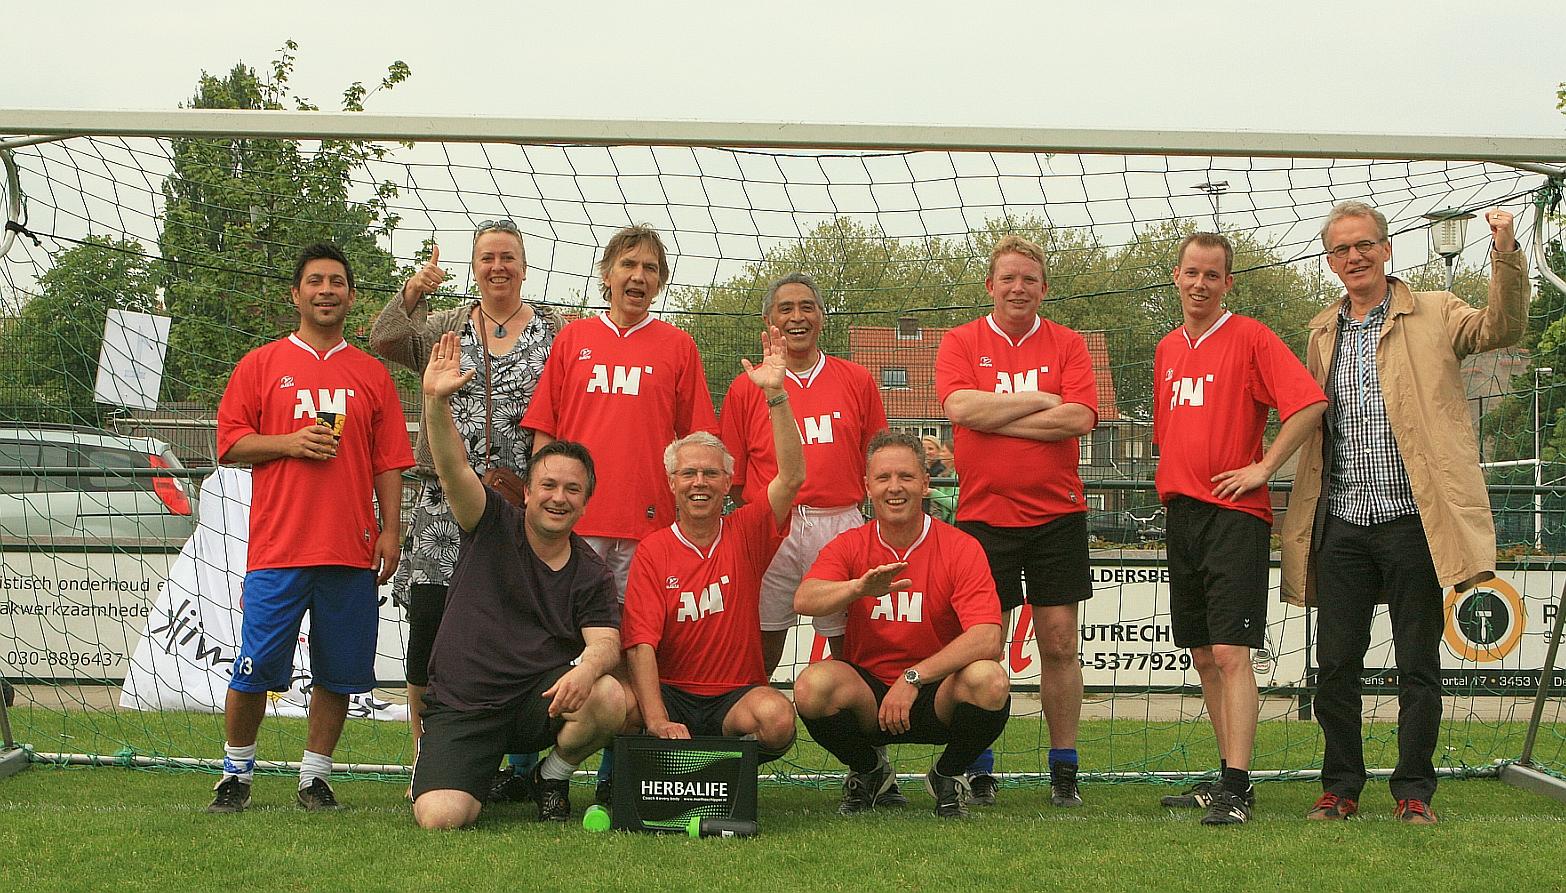 Team Hoograven AM goede doelen